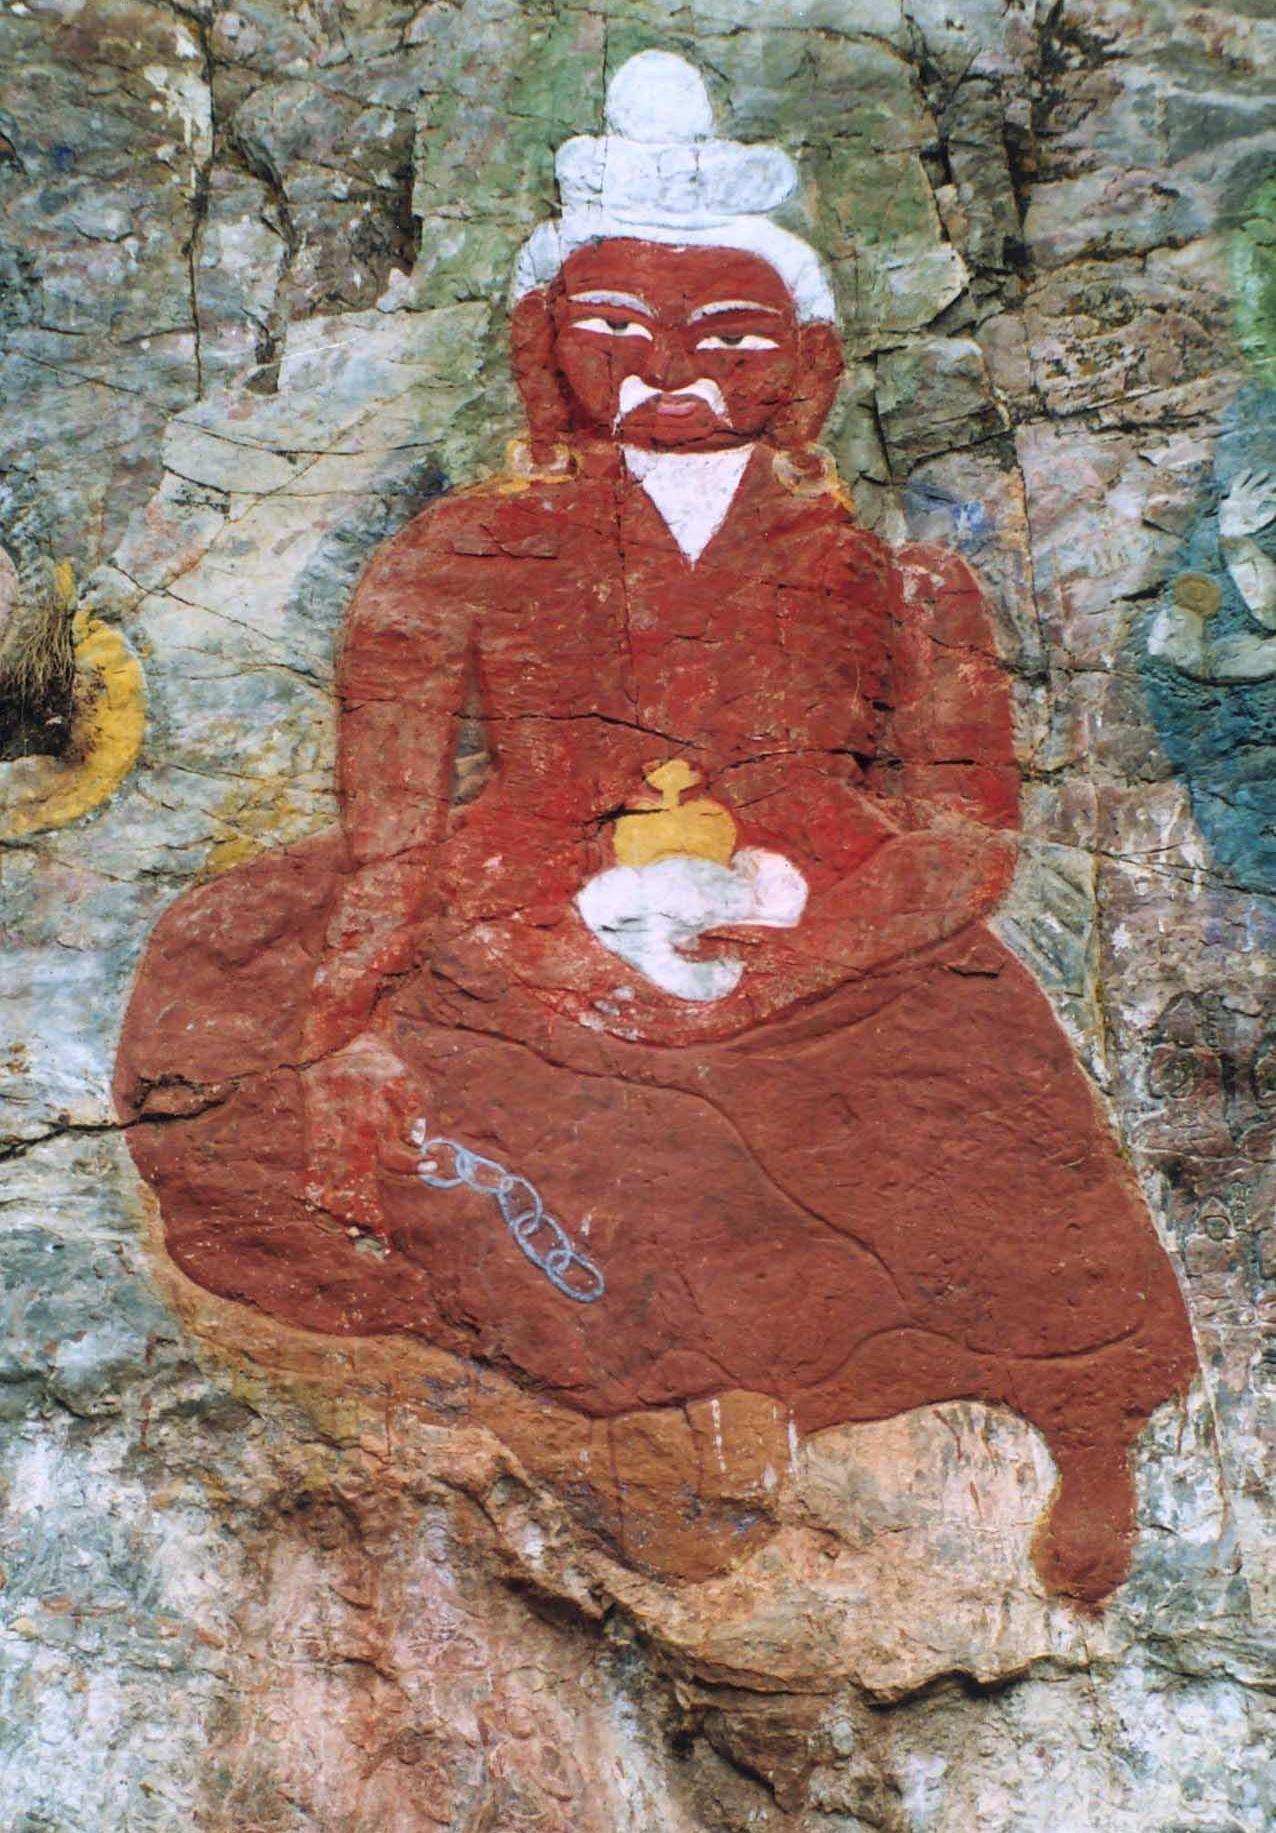 民间图片,西藏拉萨沐浴节,河里洗澡的藏族儿童